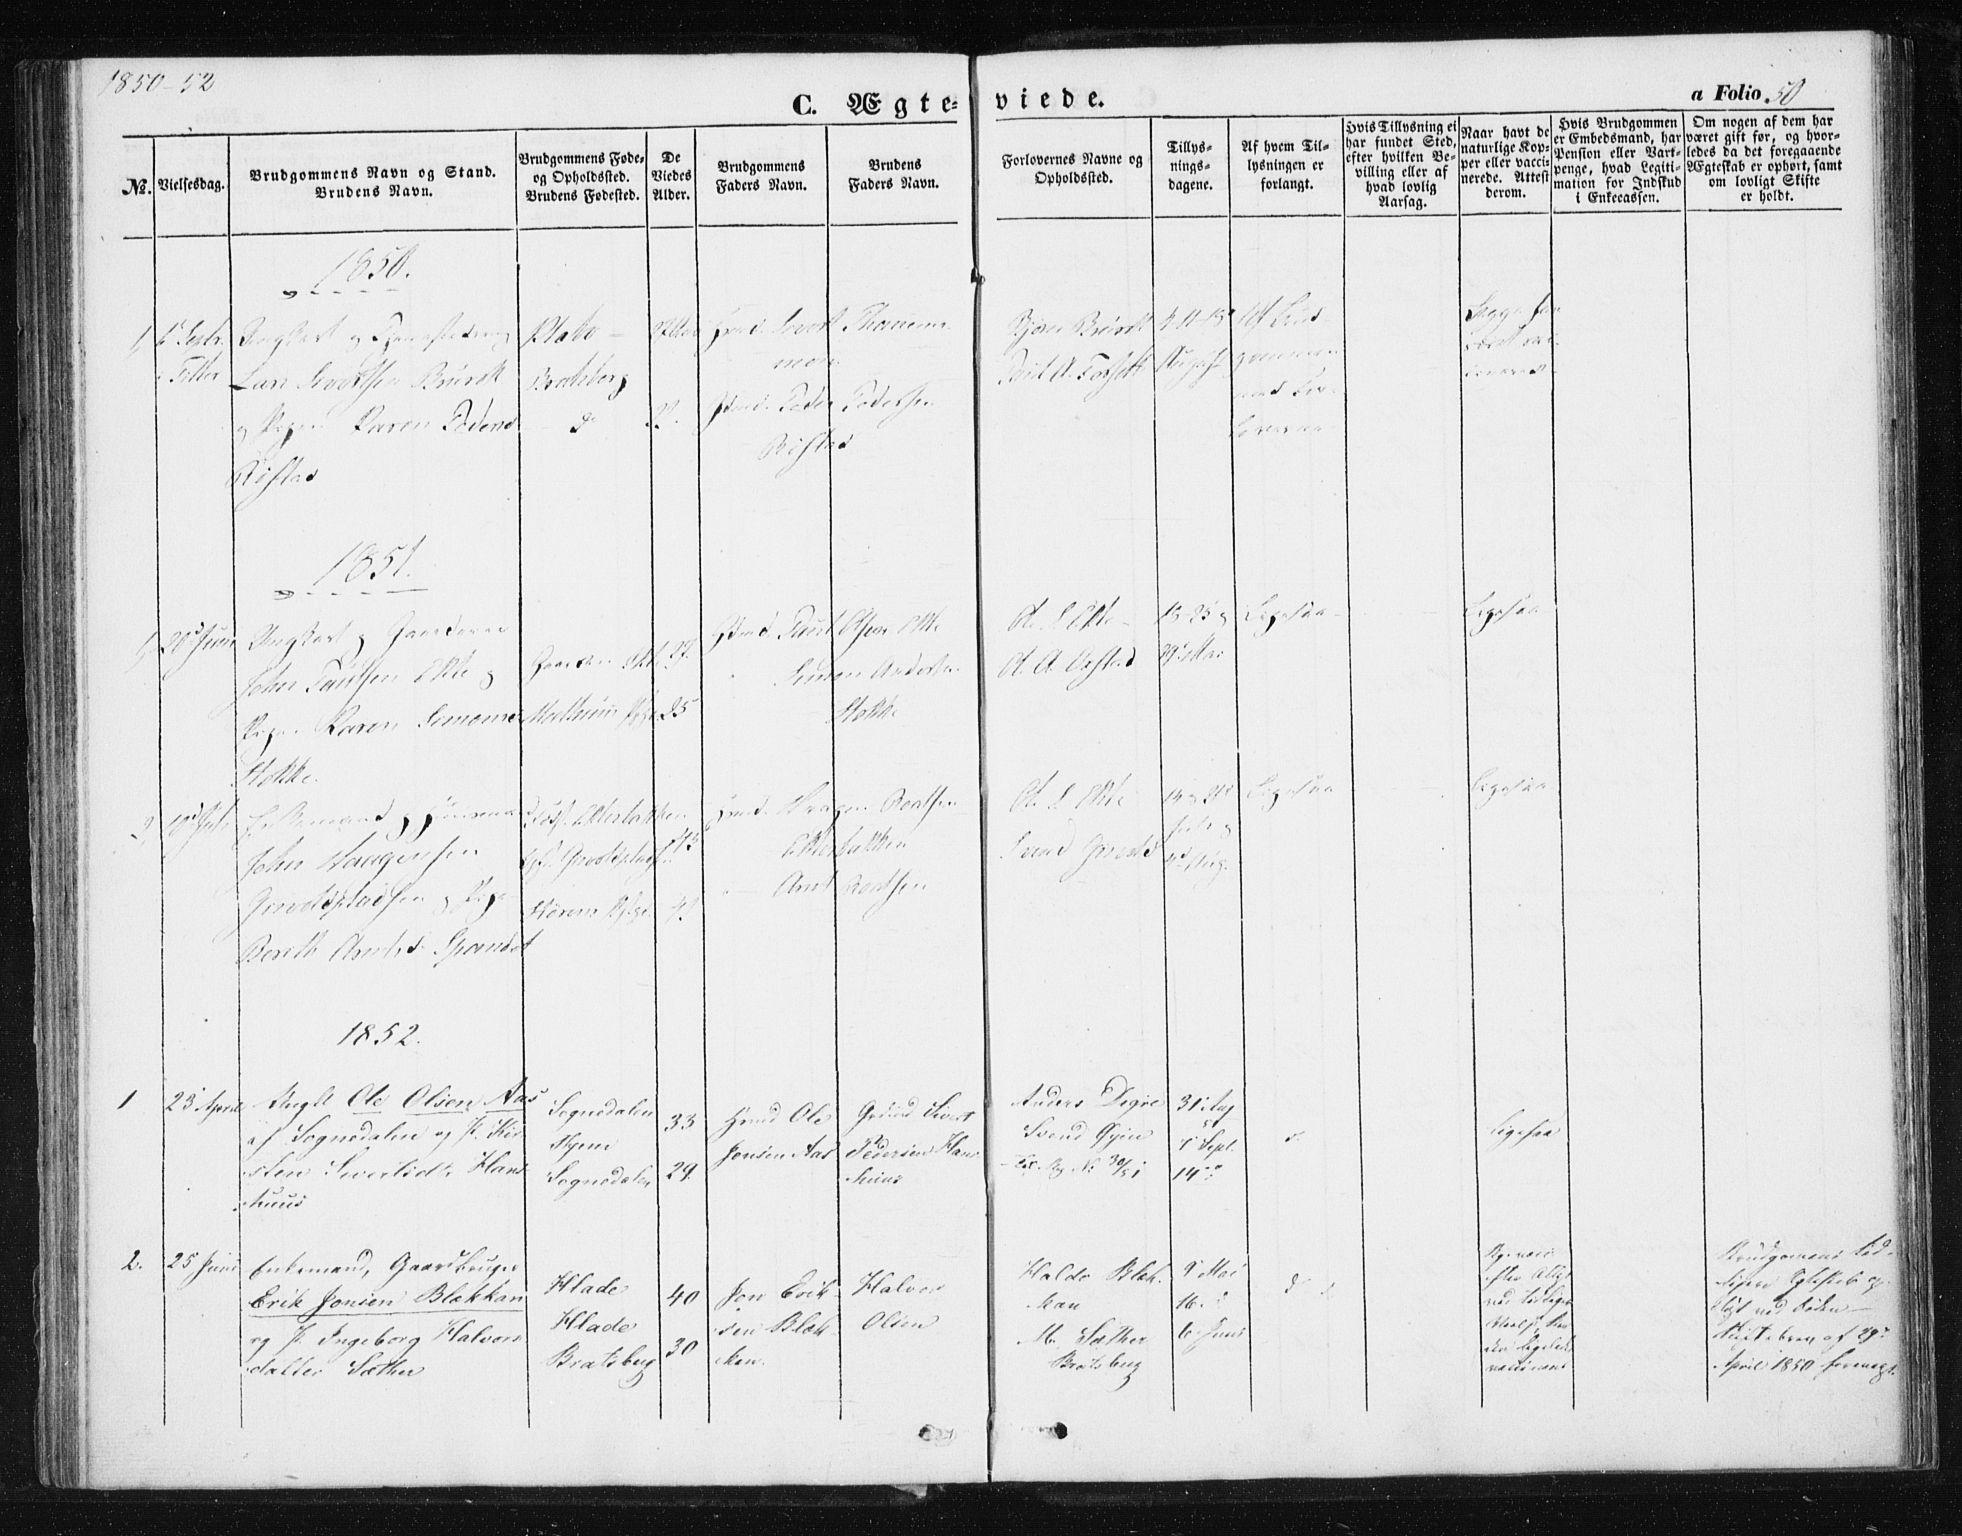 SAT, Ministerialprotokoller, klokkerbøker og fødselsregistre - Sør-Trøndelag, 608/L0332: Ministerialbok nr. 608A01, 1848-1861, s. 50